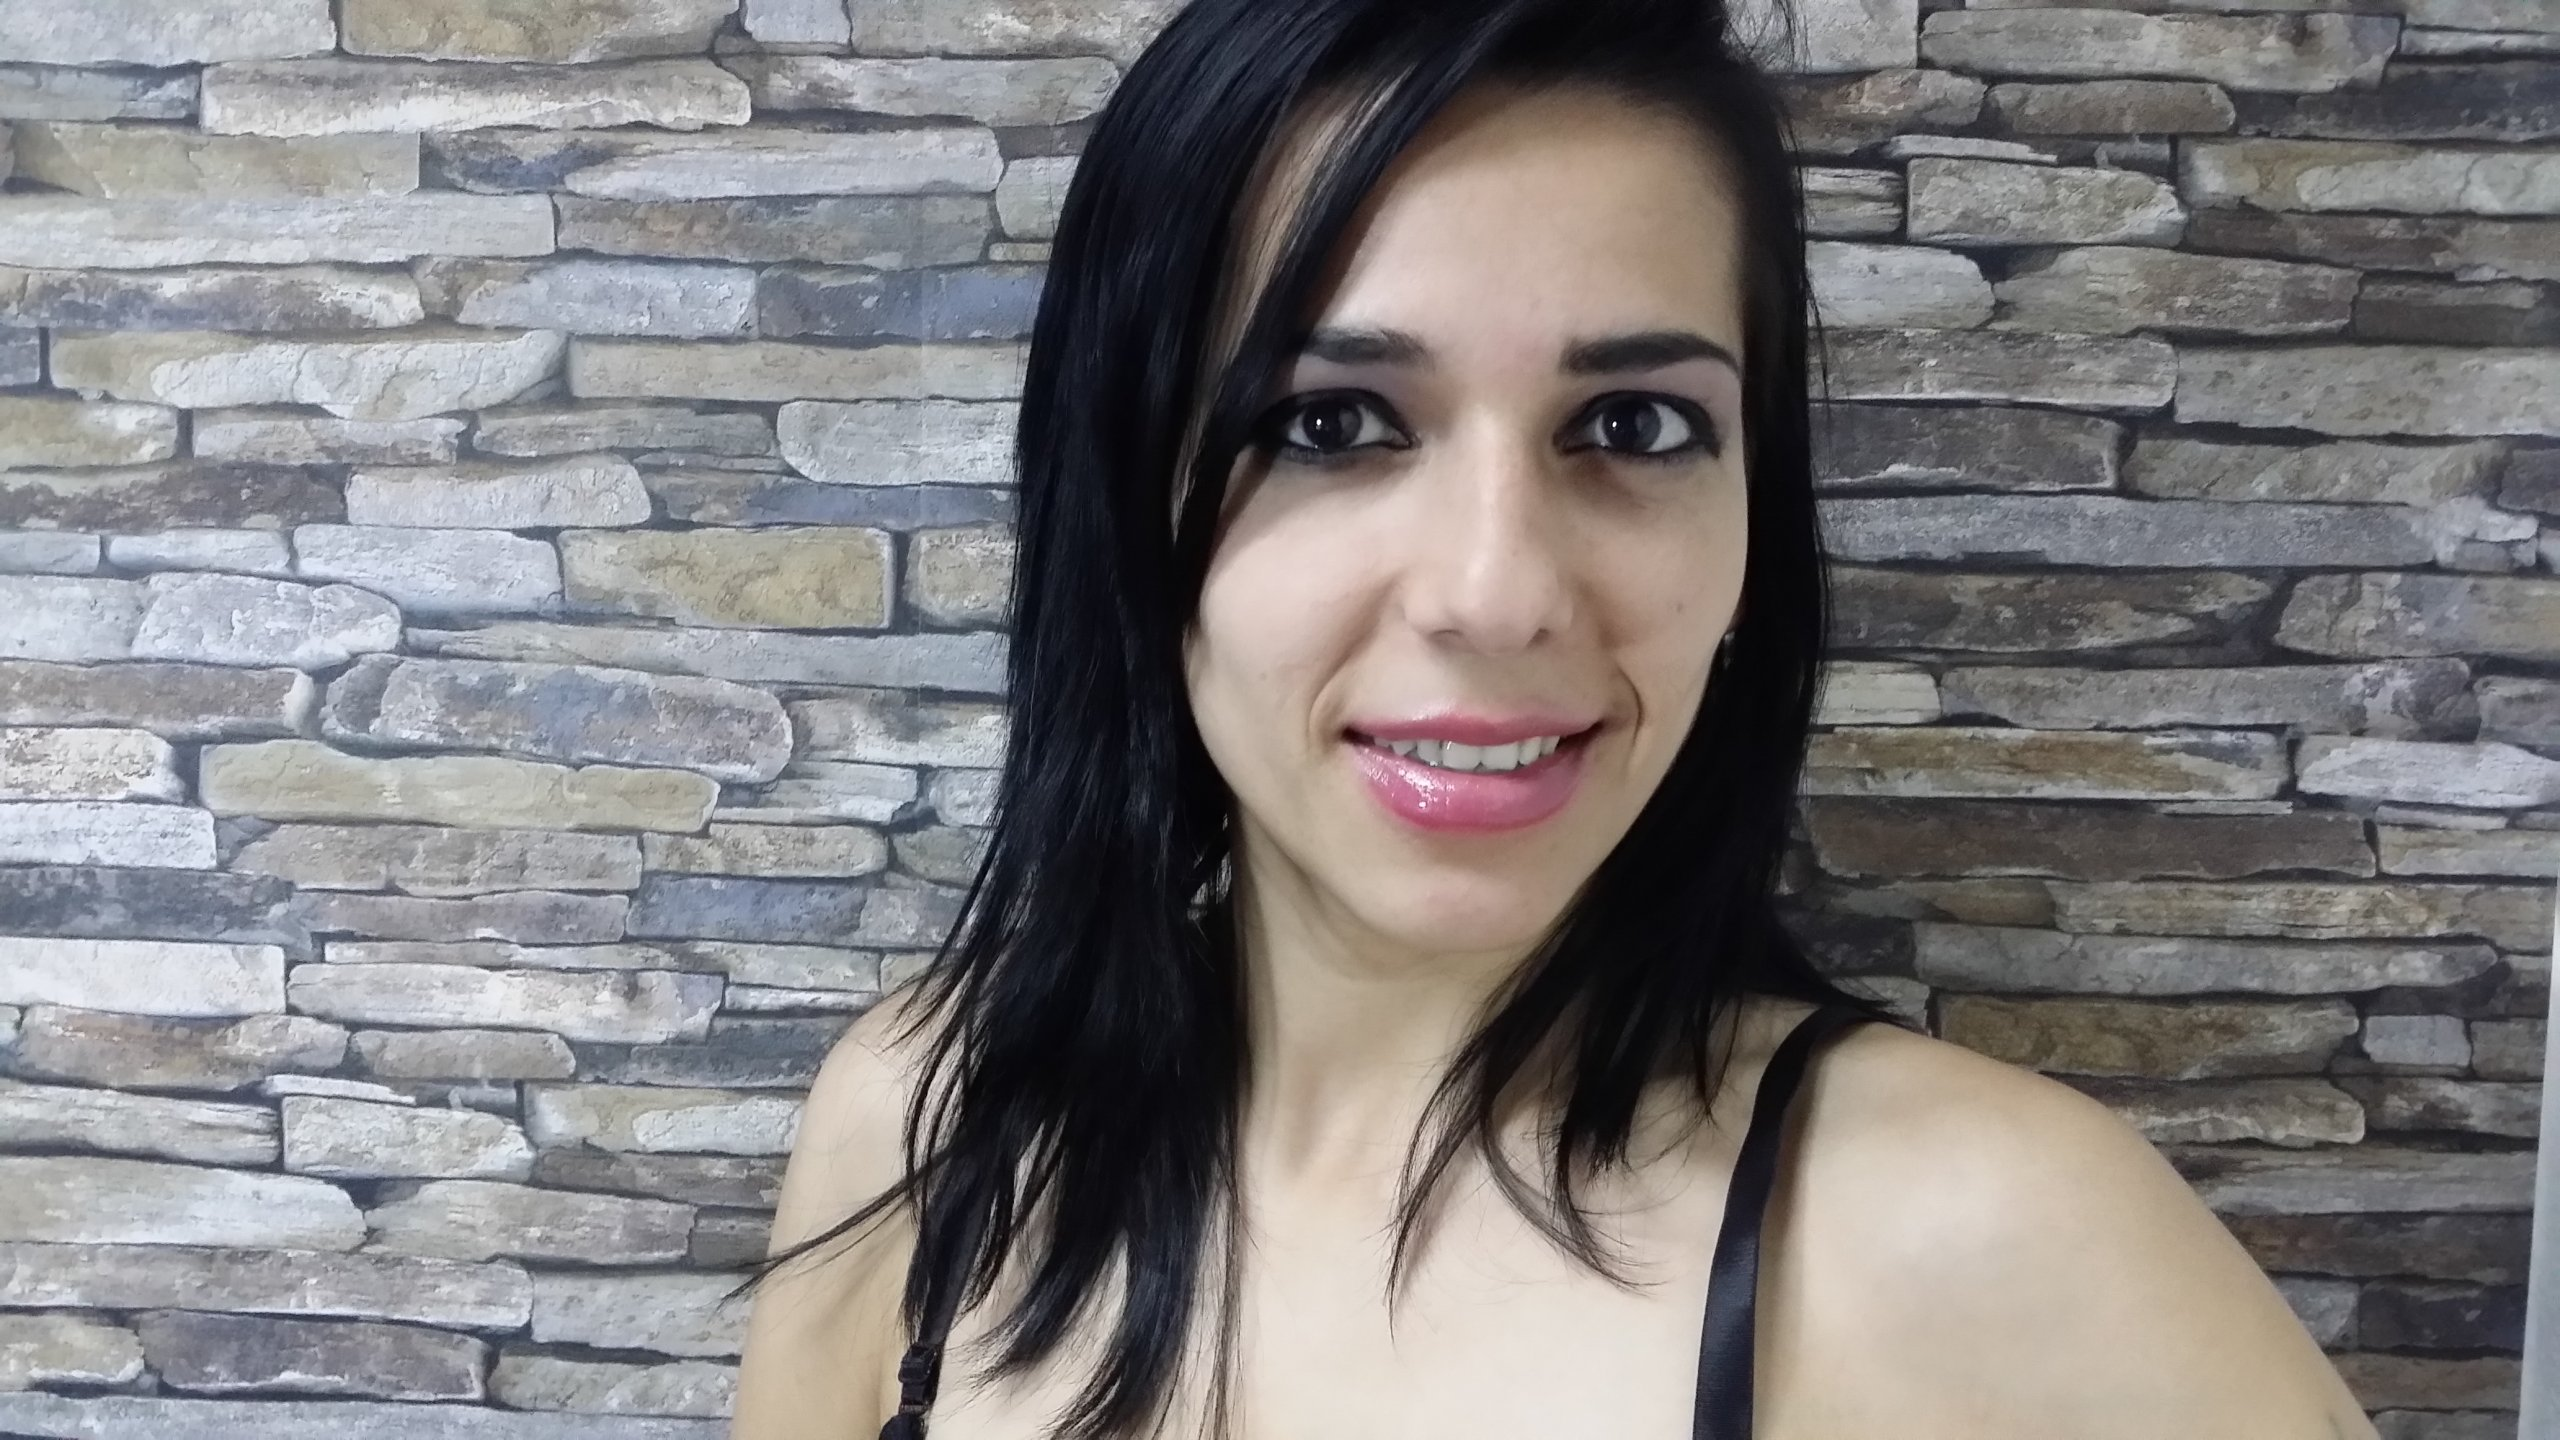 shaved vagina streaming Free pics